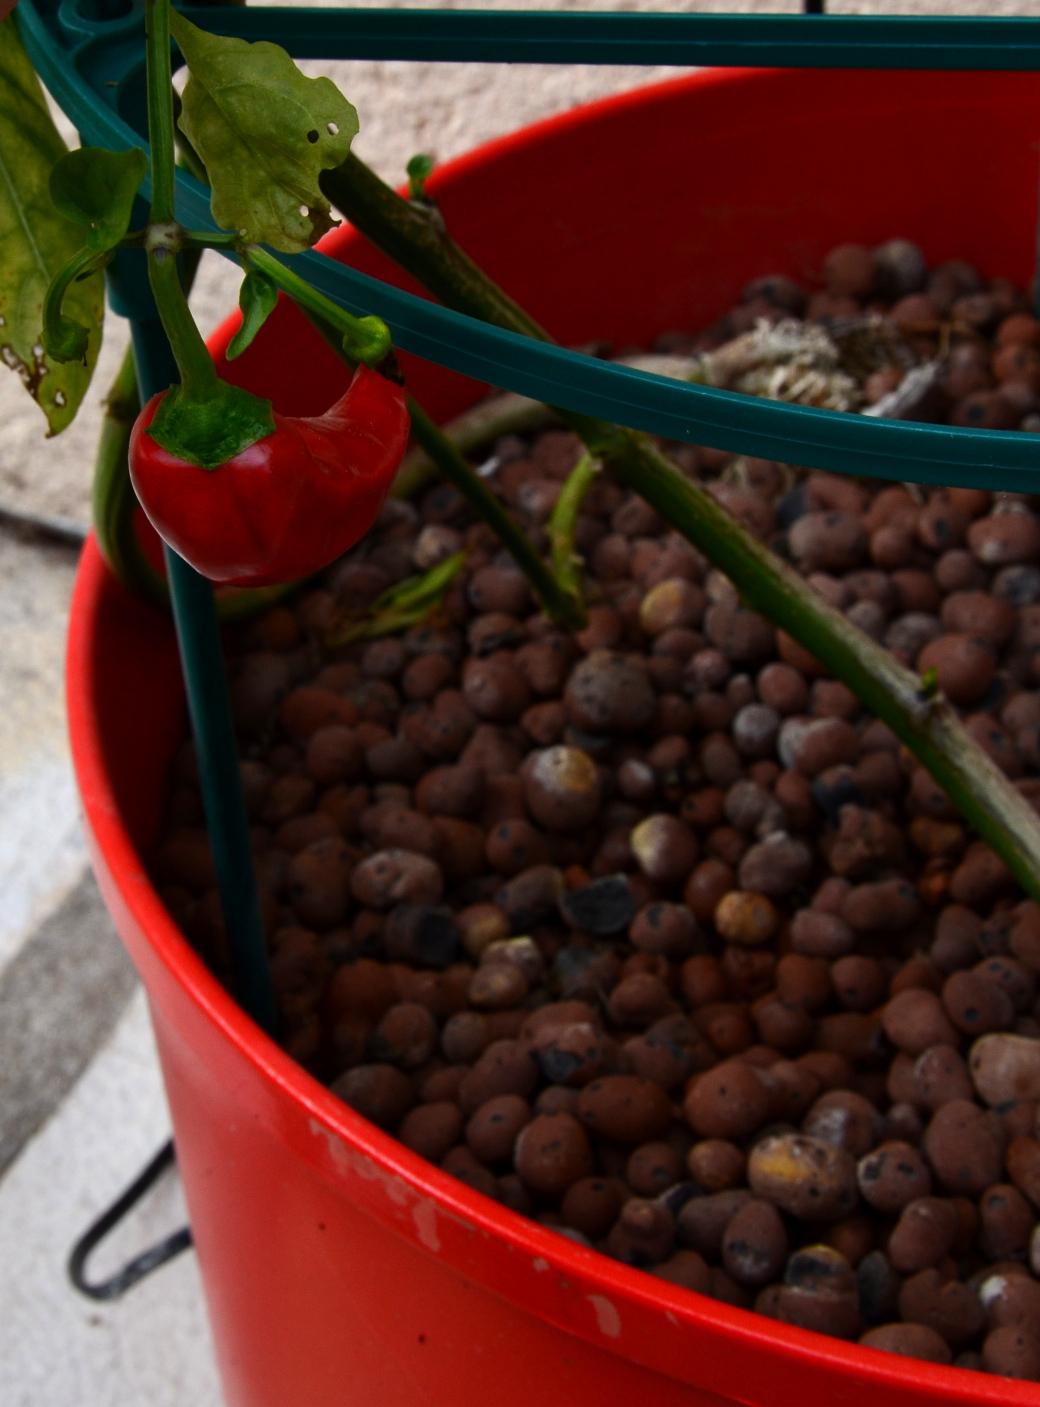 bac pour plante grimpante